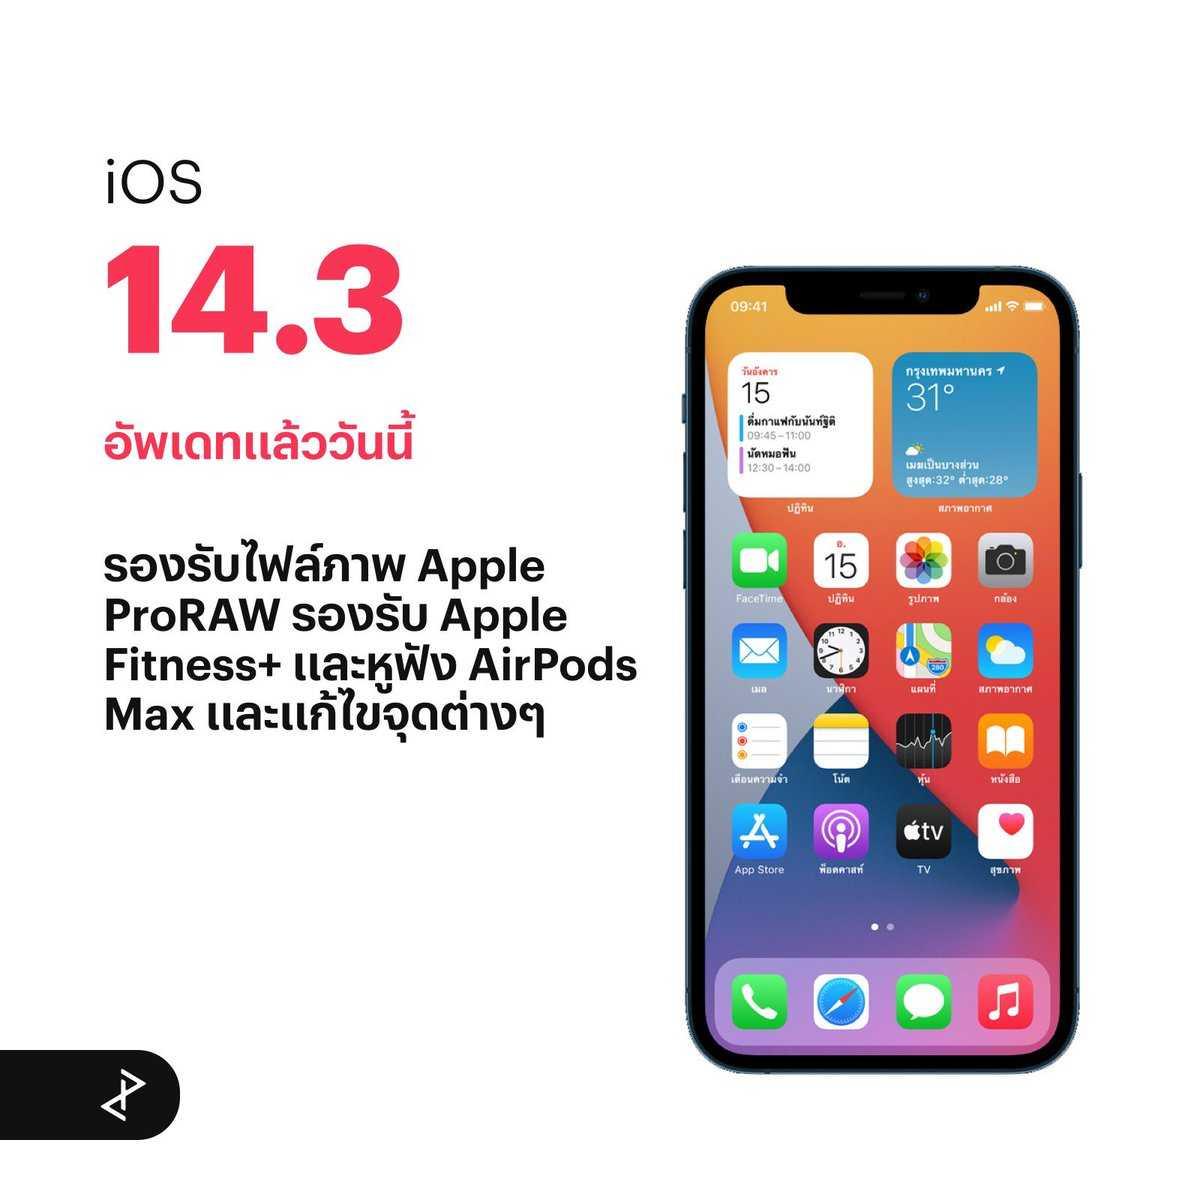 О новых смартфонах iPhone 12 пока еще мало информации Теперь догадками а может быть и действительностью поделились эксперты канала EverythingApplePro на YouTube Они